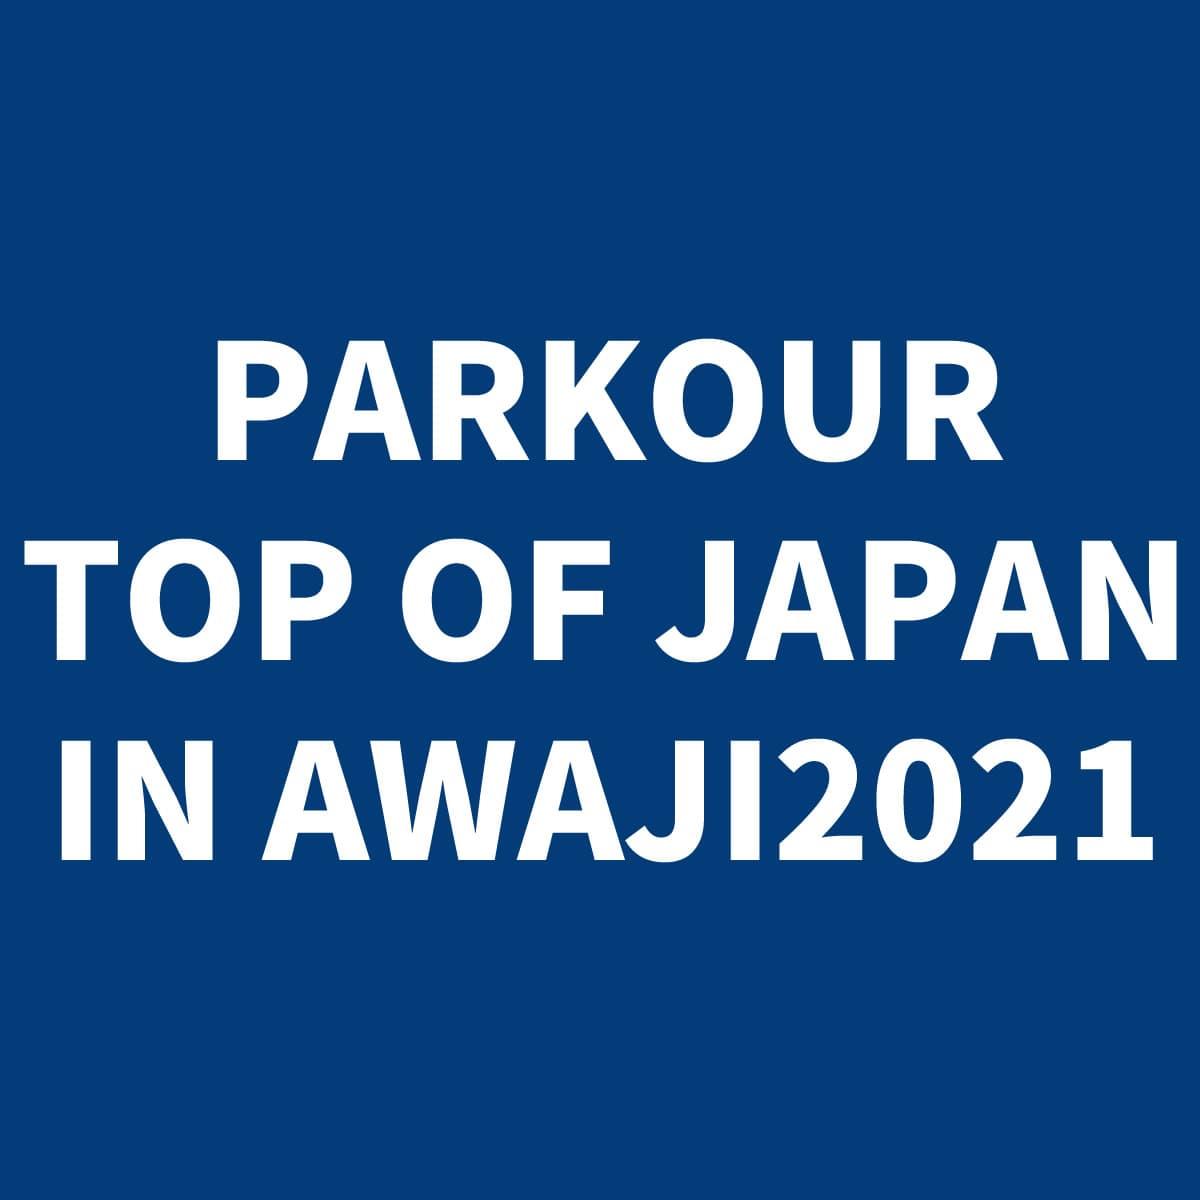 PARKOUR TOP OF JAPAN IN AWAJI 2021